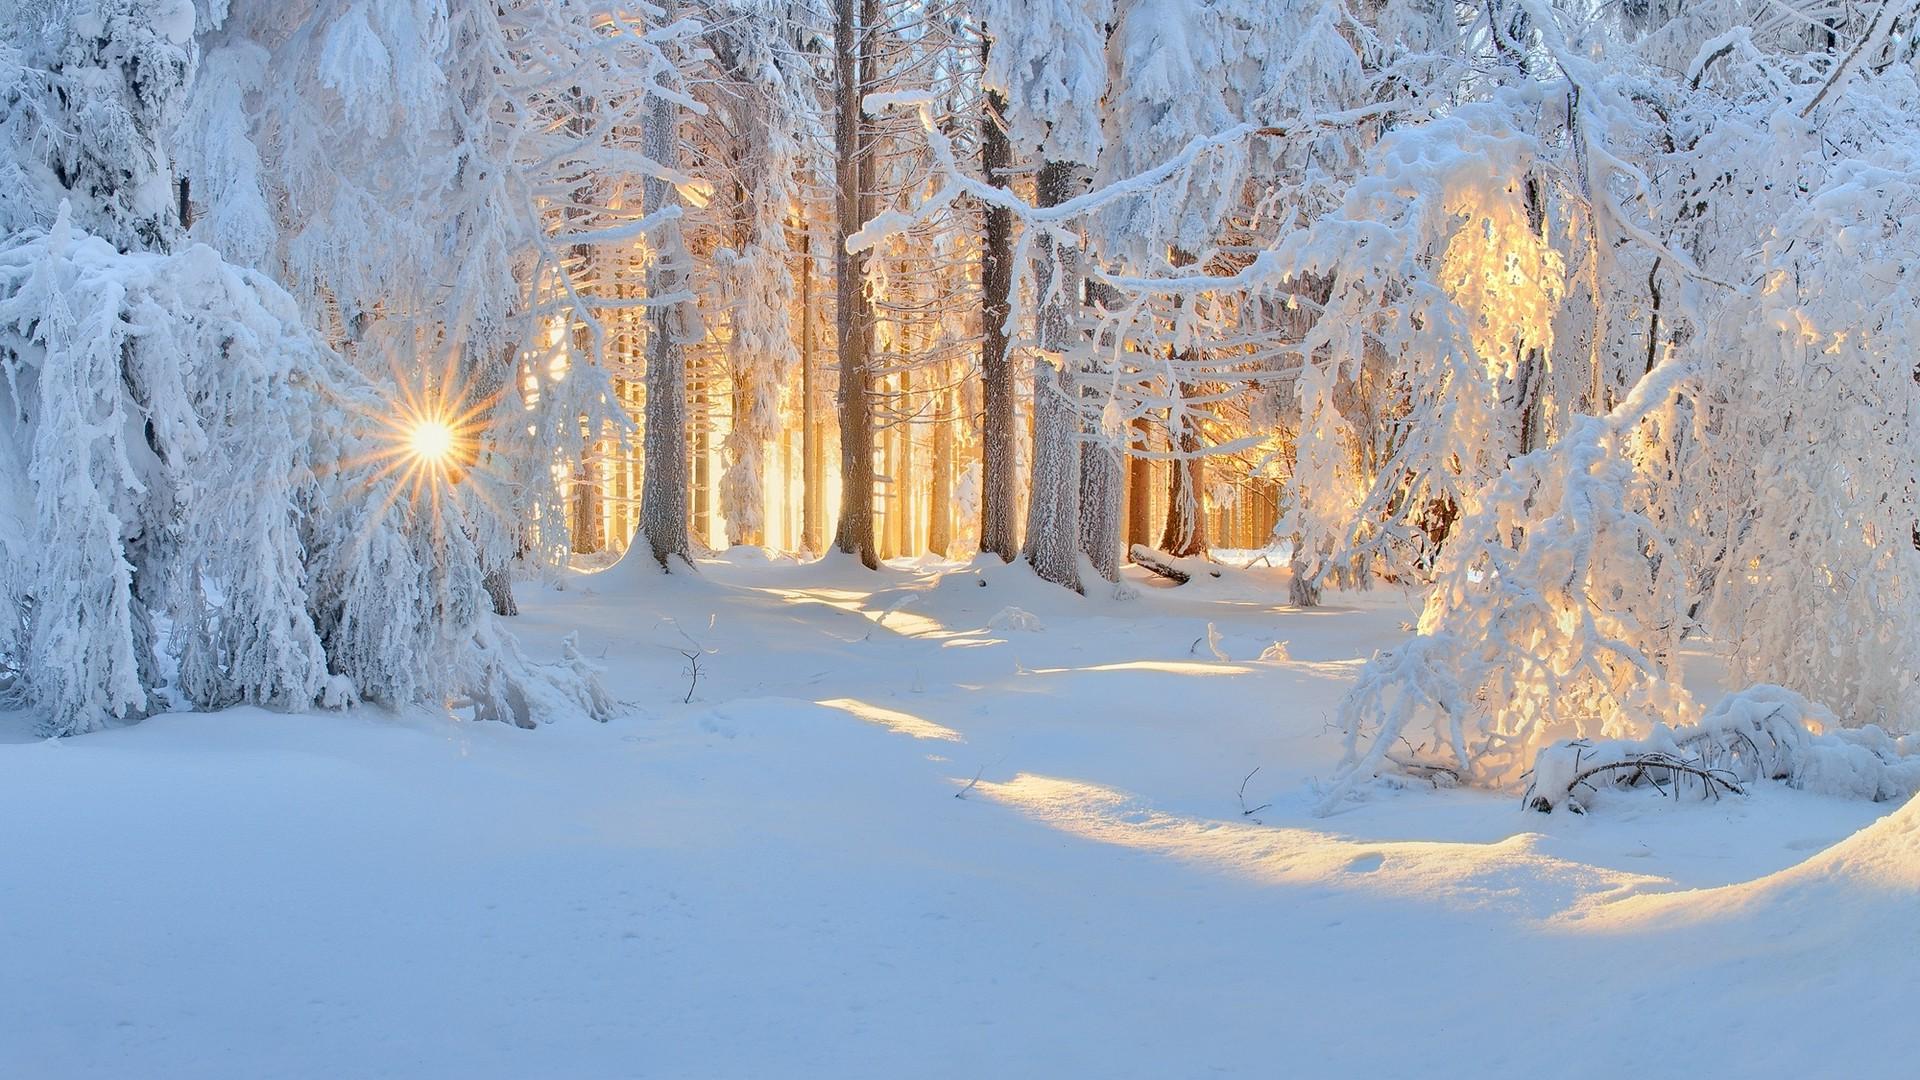 wallpaper : sunlight, trees, landscape, forest, white, nature, sky